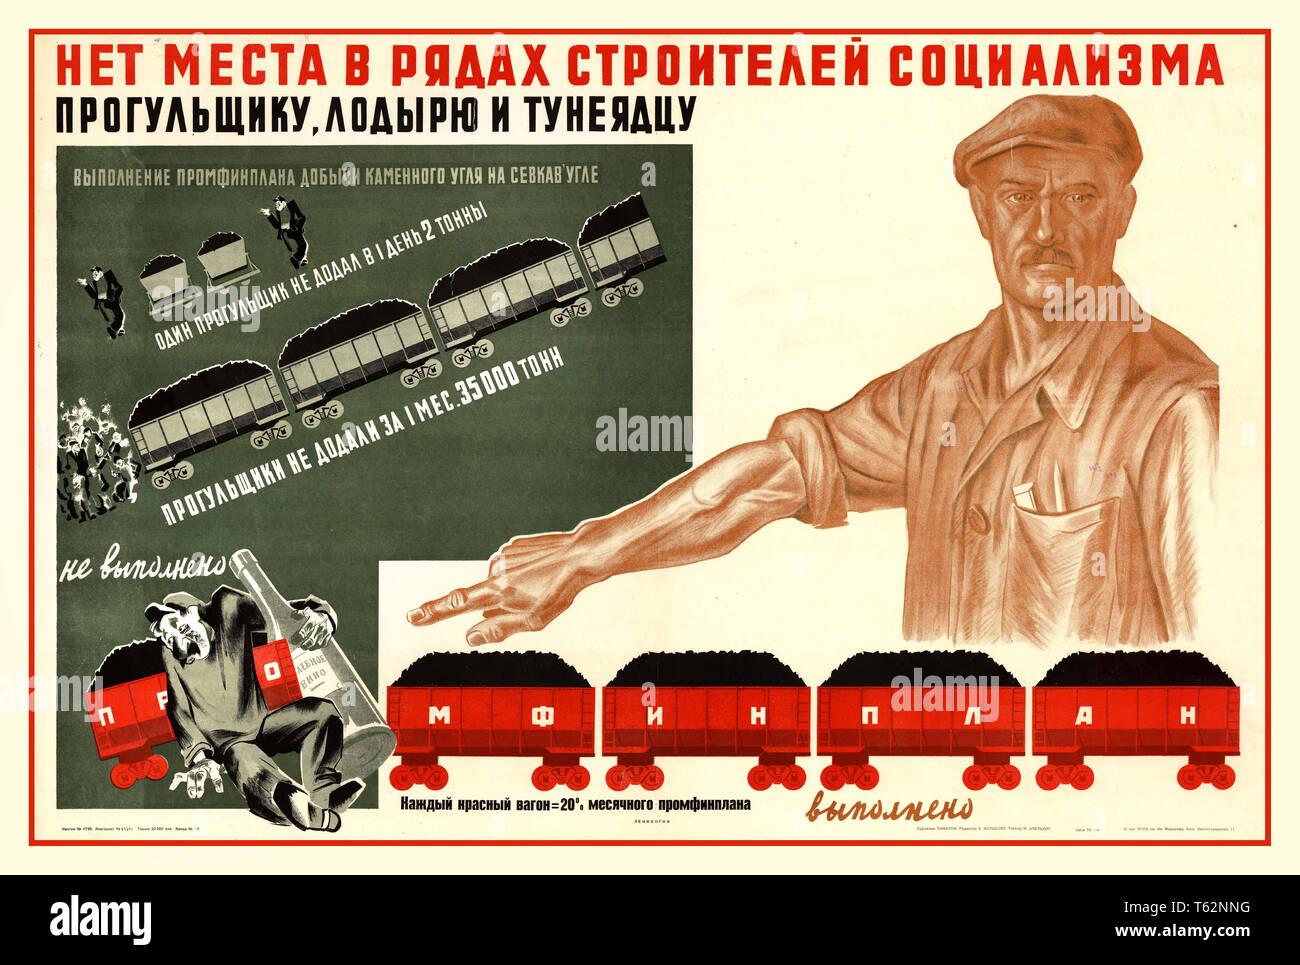 """Jahrgang 1930 Russische Propaganda Plakat """"Es gibt keinen Platz in den Reihen der Erbauer des Sozialismus, schüchtern, ein müssiggänger und ein parasit """"Künstler Pikalov Leningrad [1933] Farblithographie, Stockbild"""